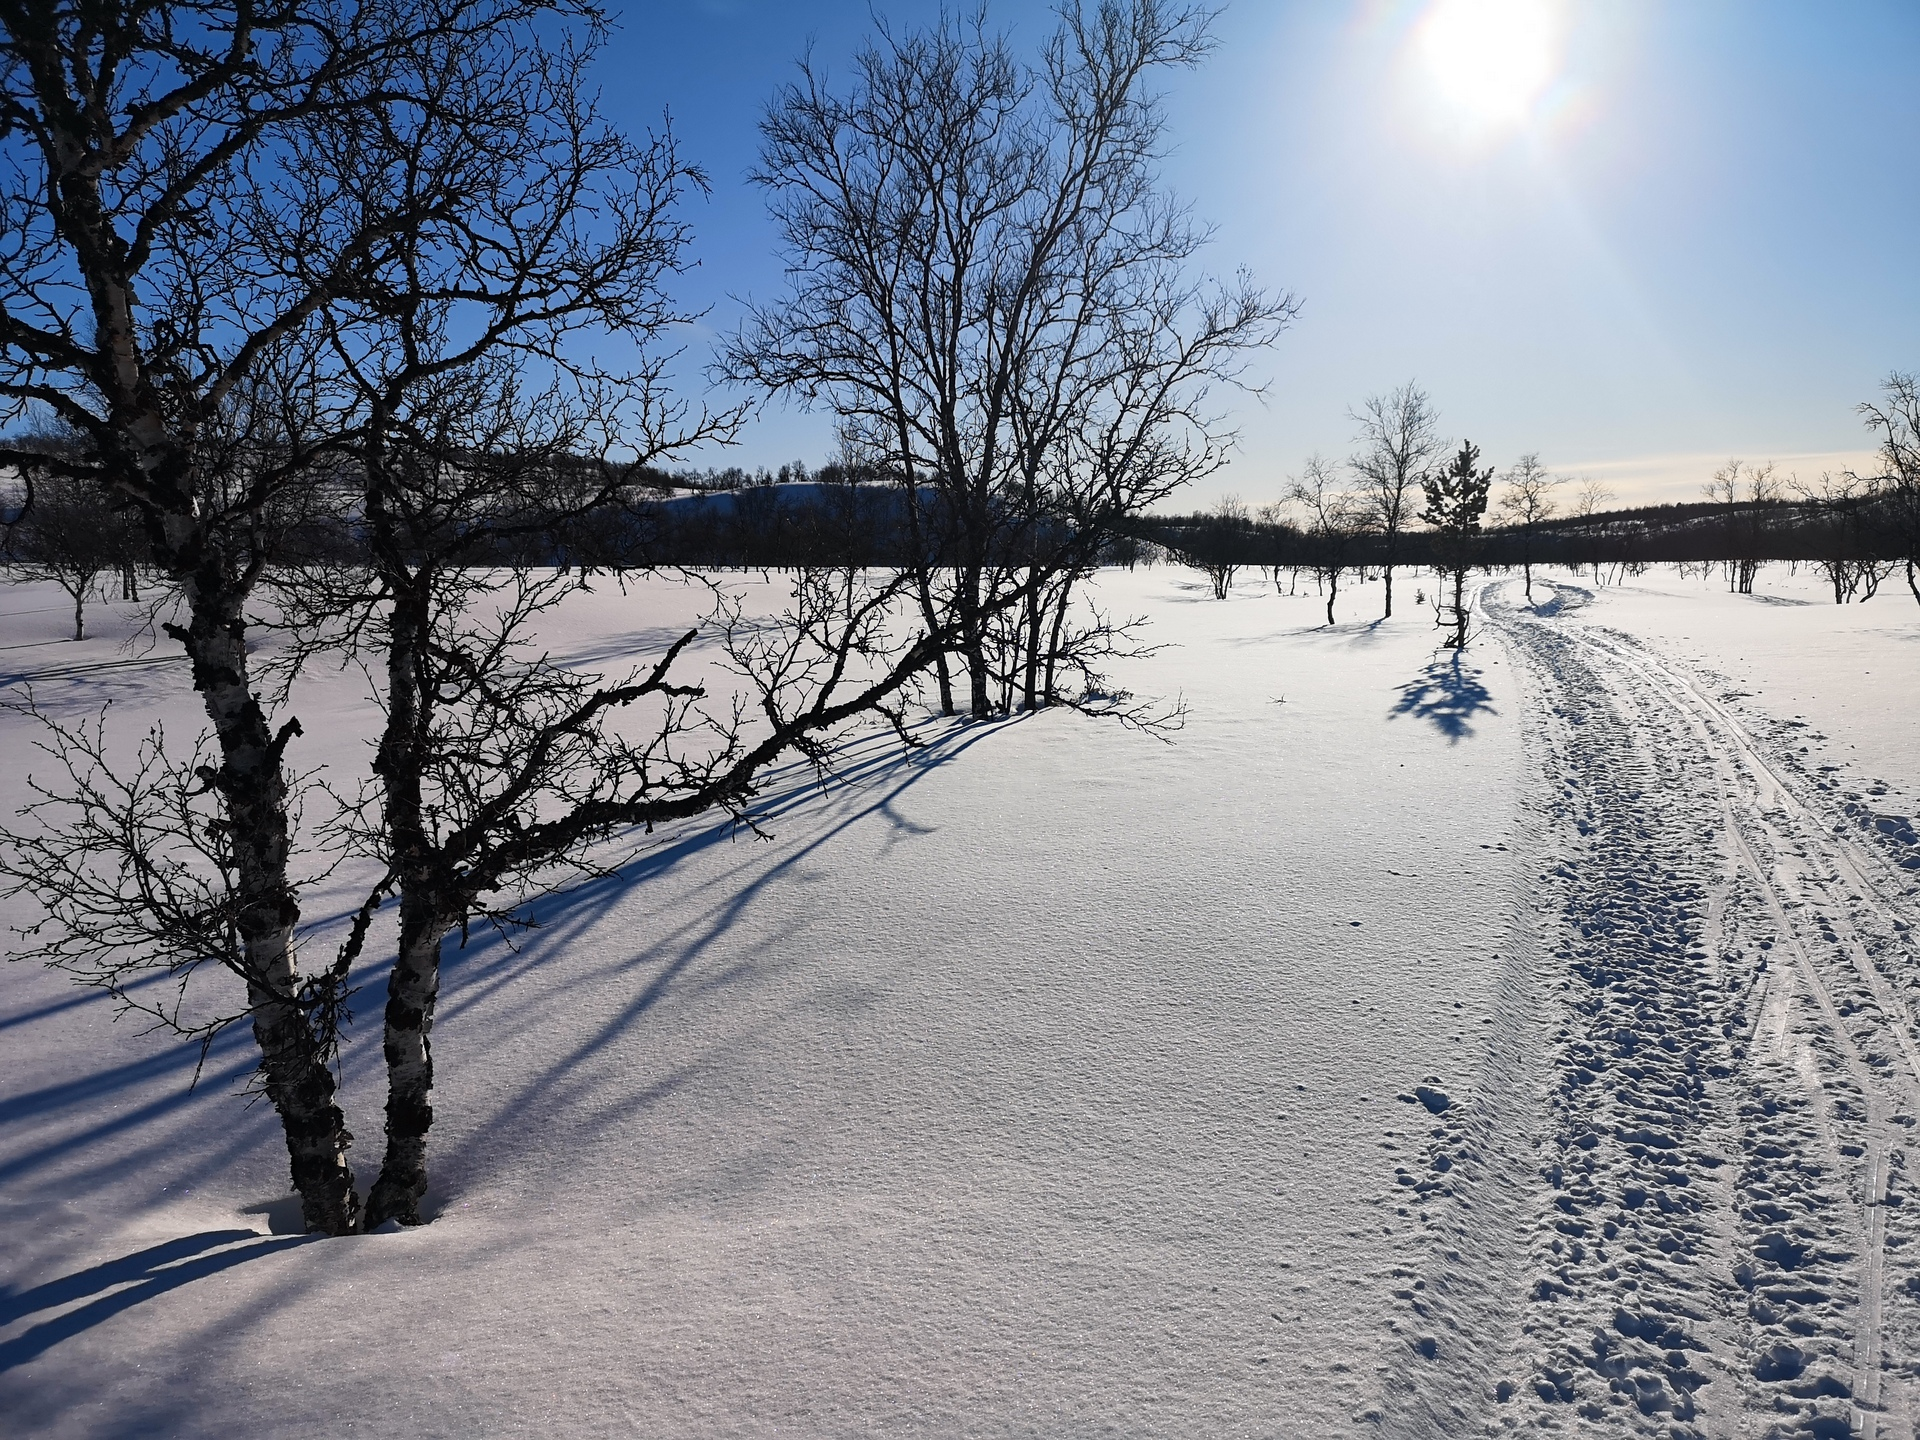 Sulasojalle paluun jälkeen oli aika tehdä pieni tiedusteluhiihto Luomusjärvien suuntaan. Suunnitelmissa oli lento Ruktajärvelle, jonne voisin laskeutua, kun ei ole Luonnonpuiston aluetta.